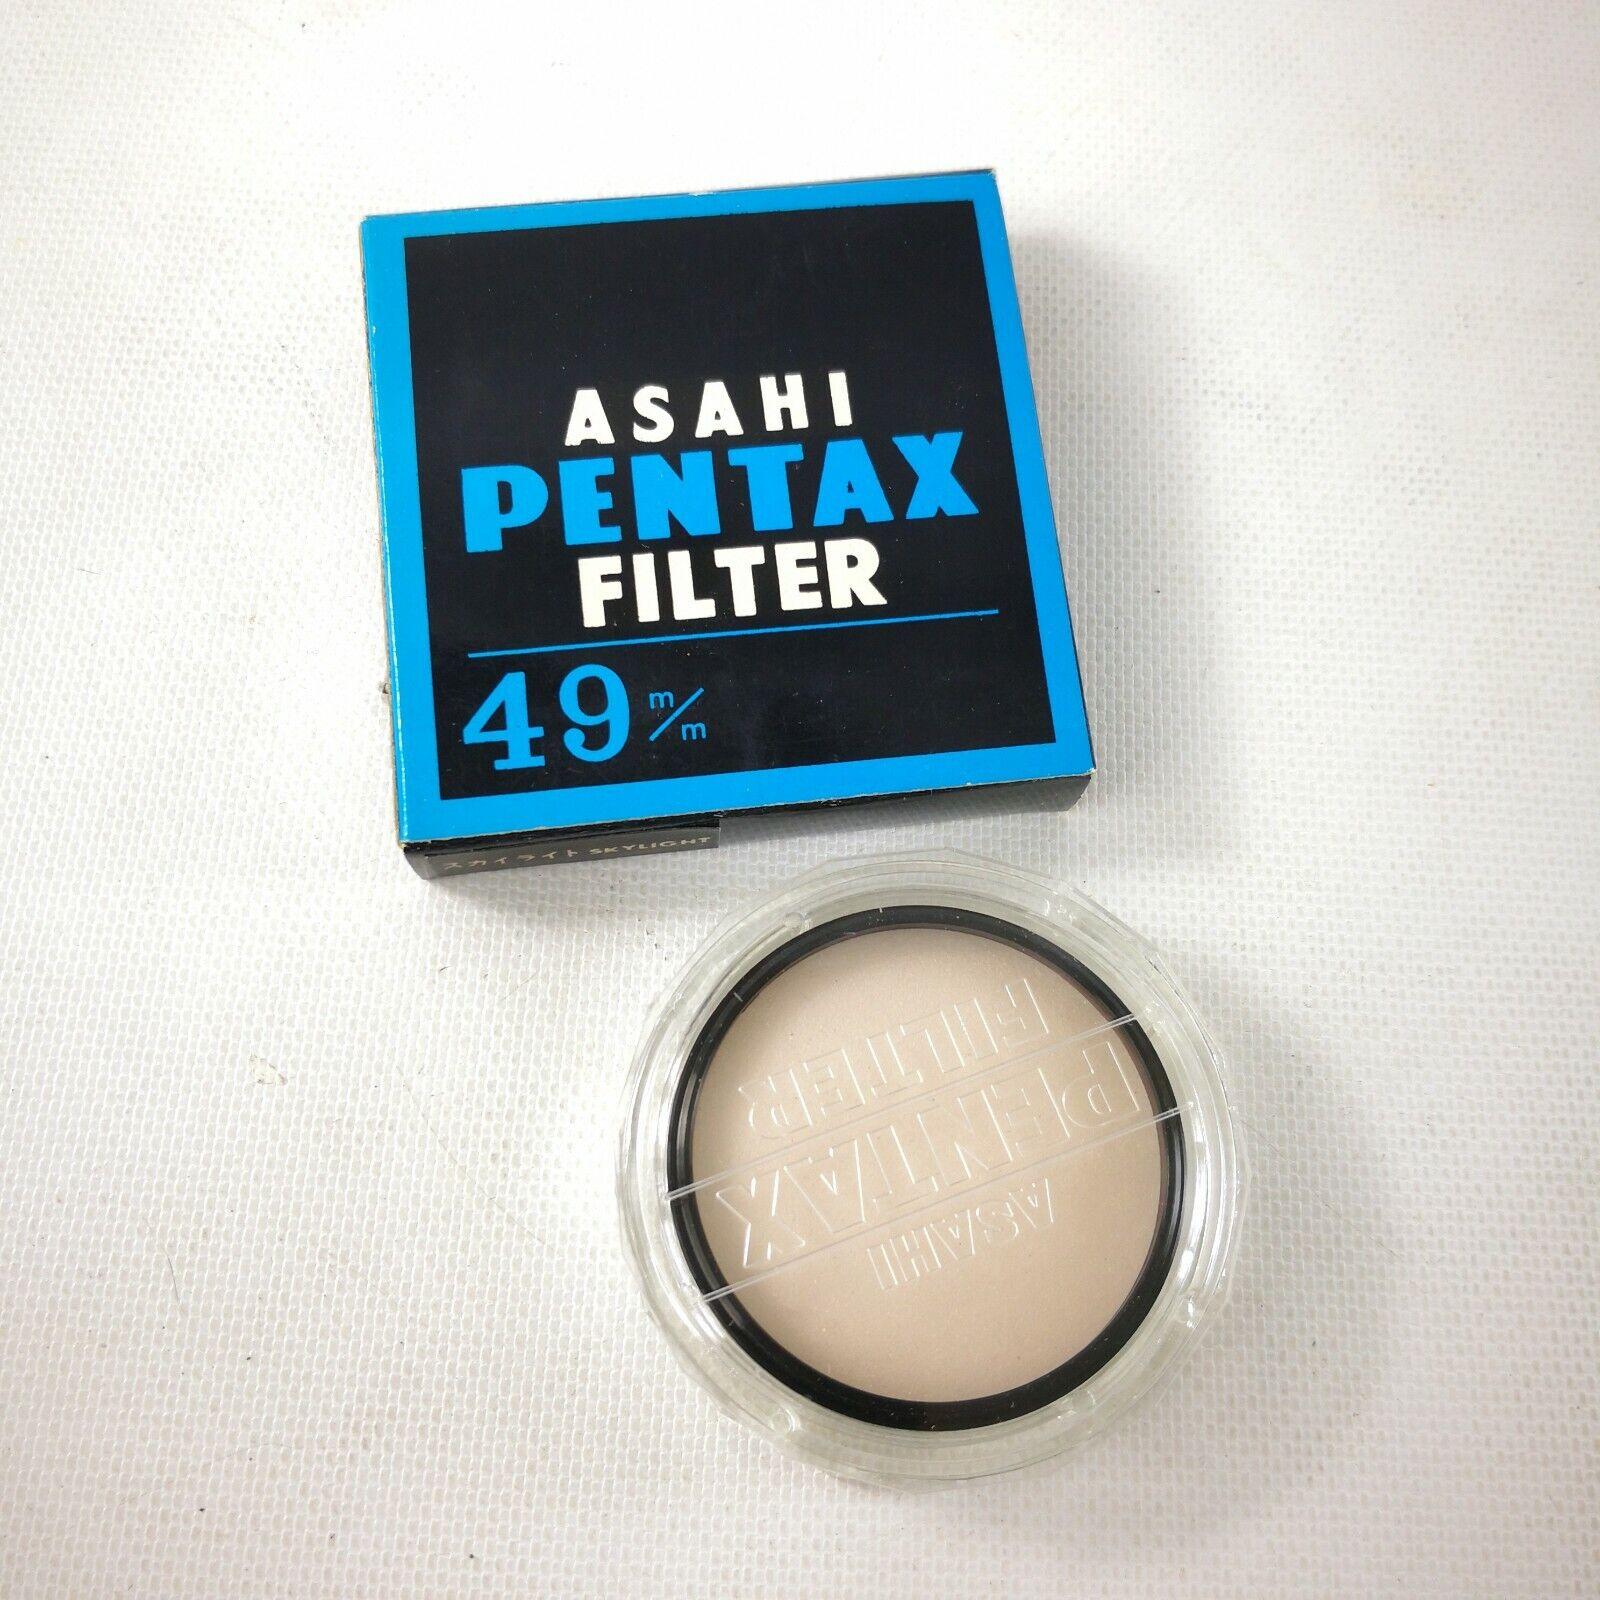 Asahi Pentax 49mm Skylight Filter  - $9.99